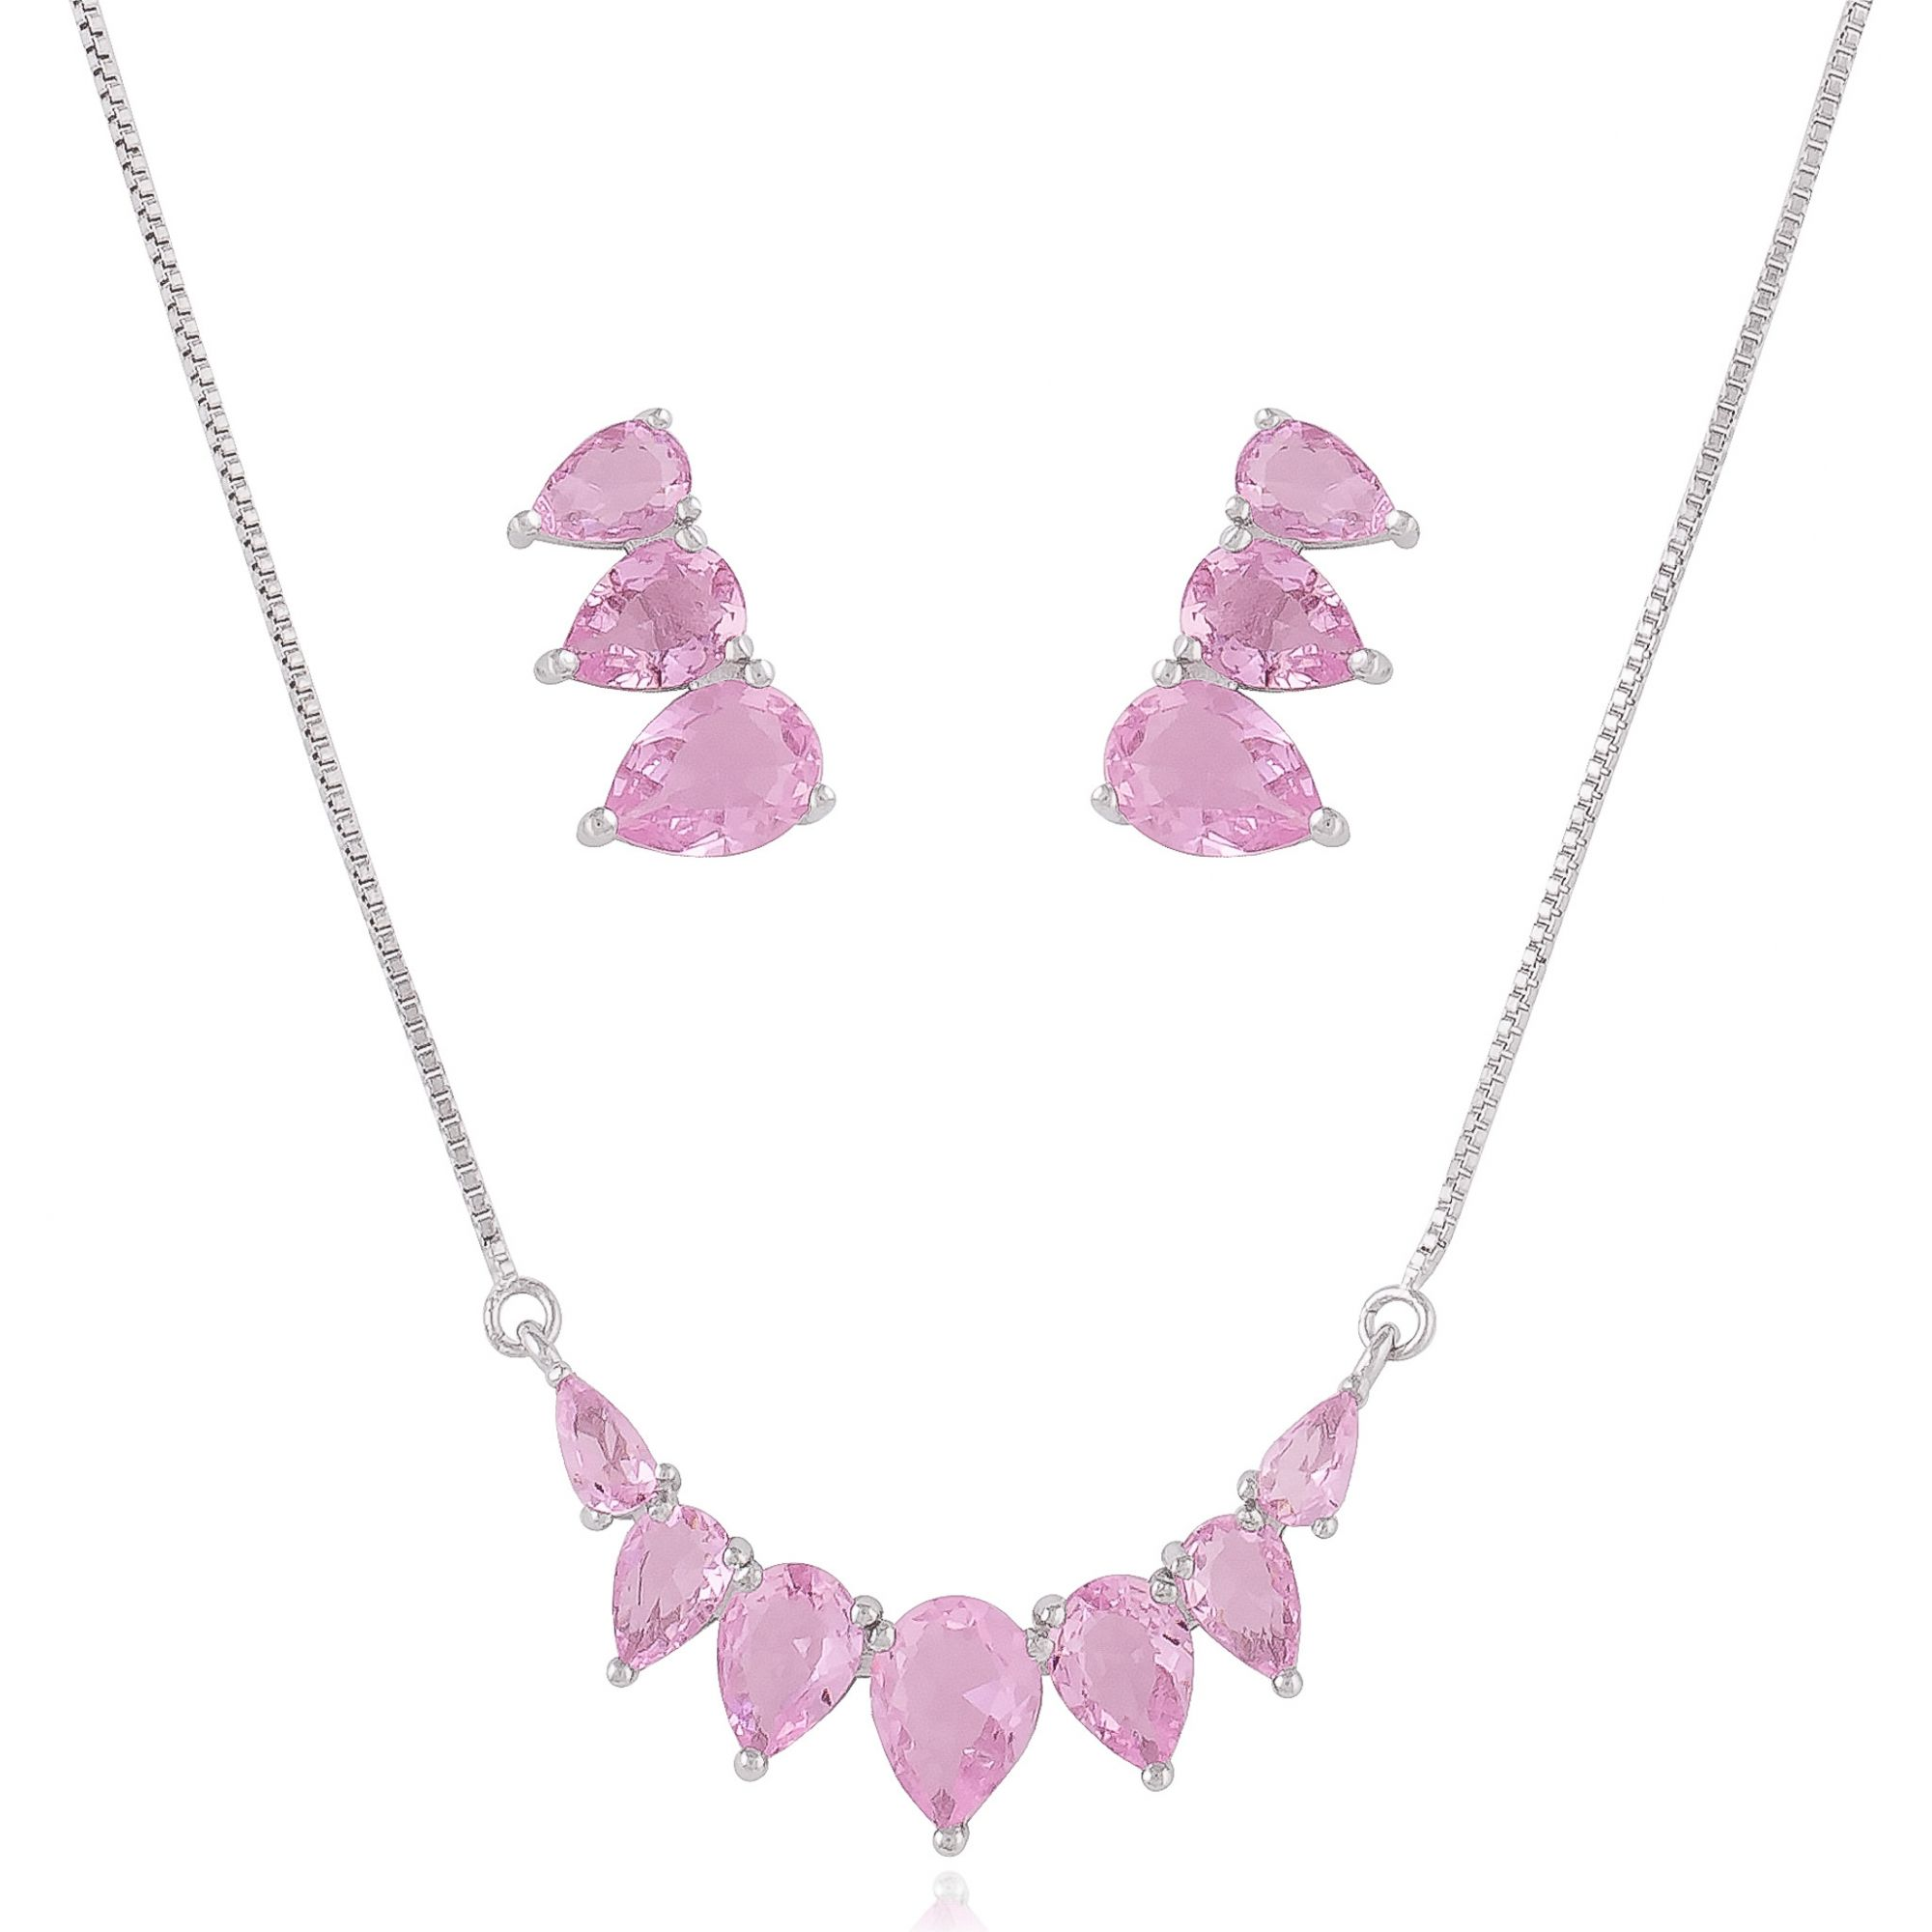 Conjunto de gotas em zircônias cor de rosa banho de ródio branco.  - bfdecor.com.br